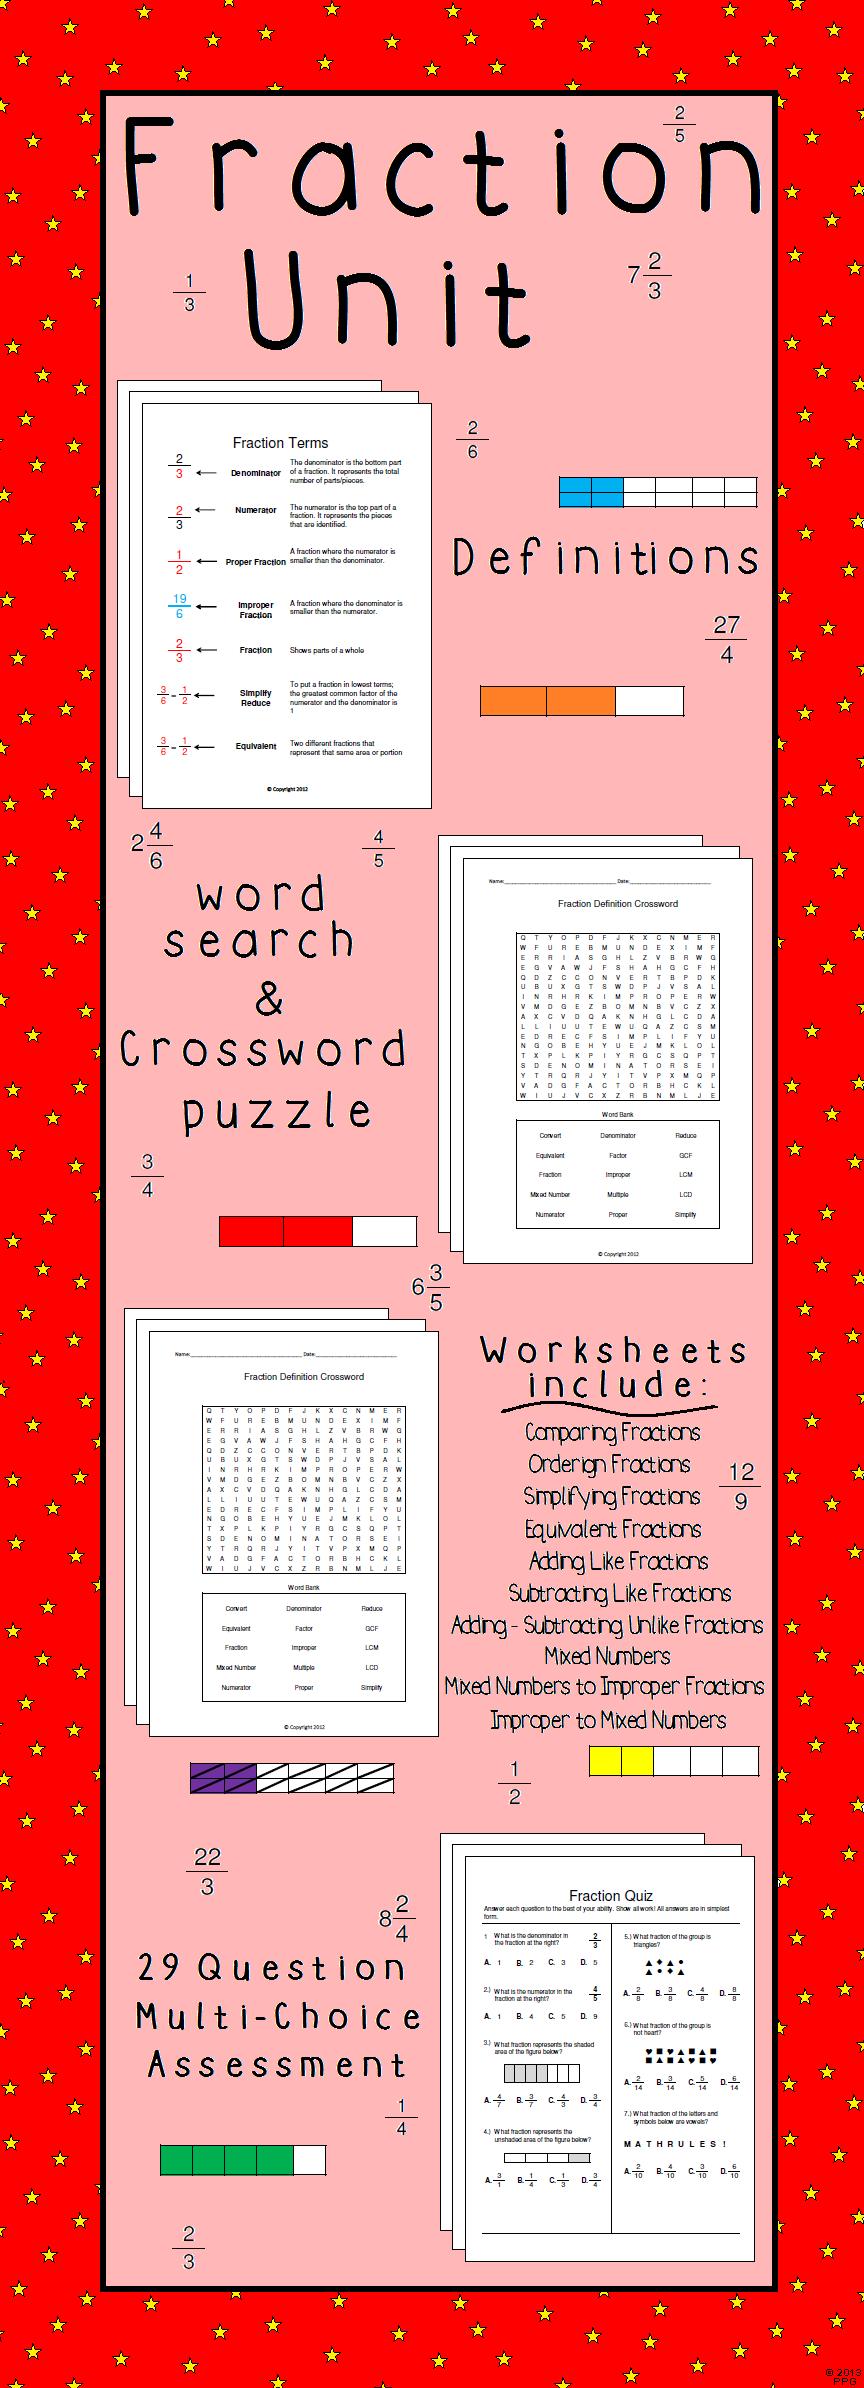 Fraction Unit Worksheet Bundle Teacher Gameroom Products